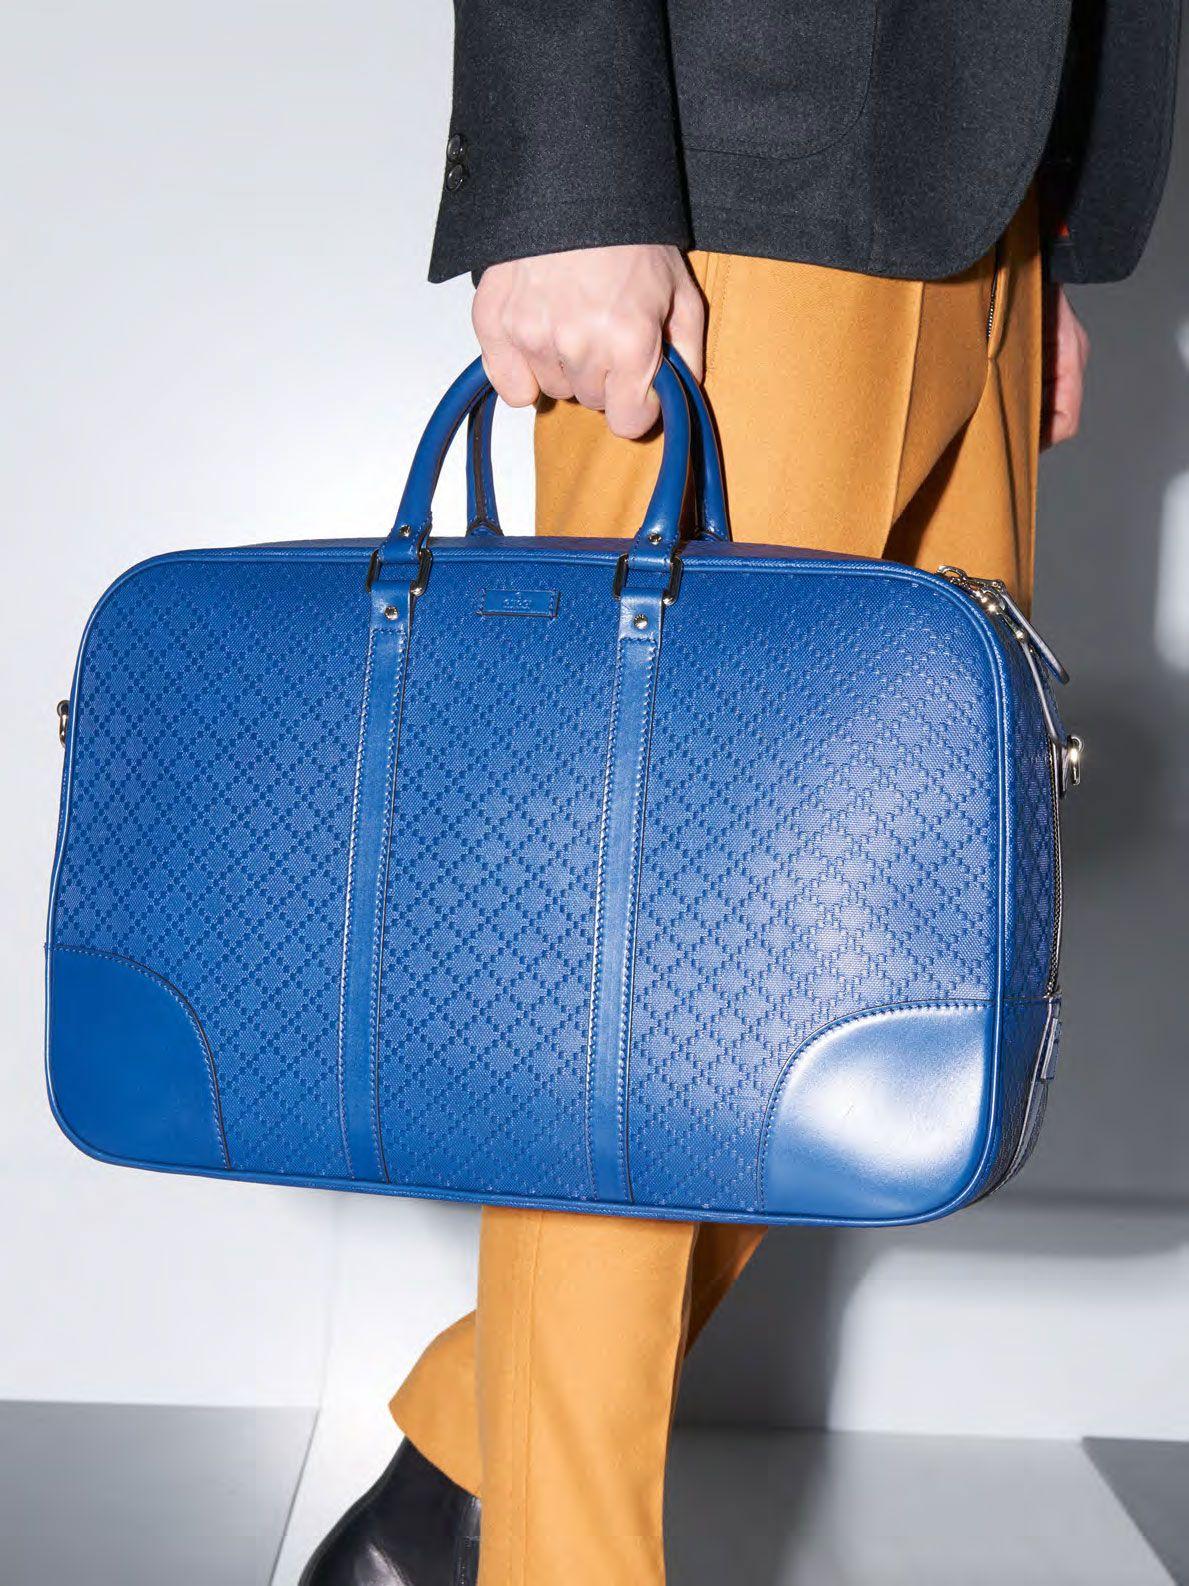 2f23494b269c Gucci Bright Diamante leather duffle bag. www.designerclothingfans.com